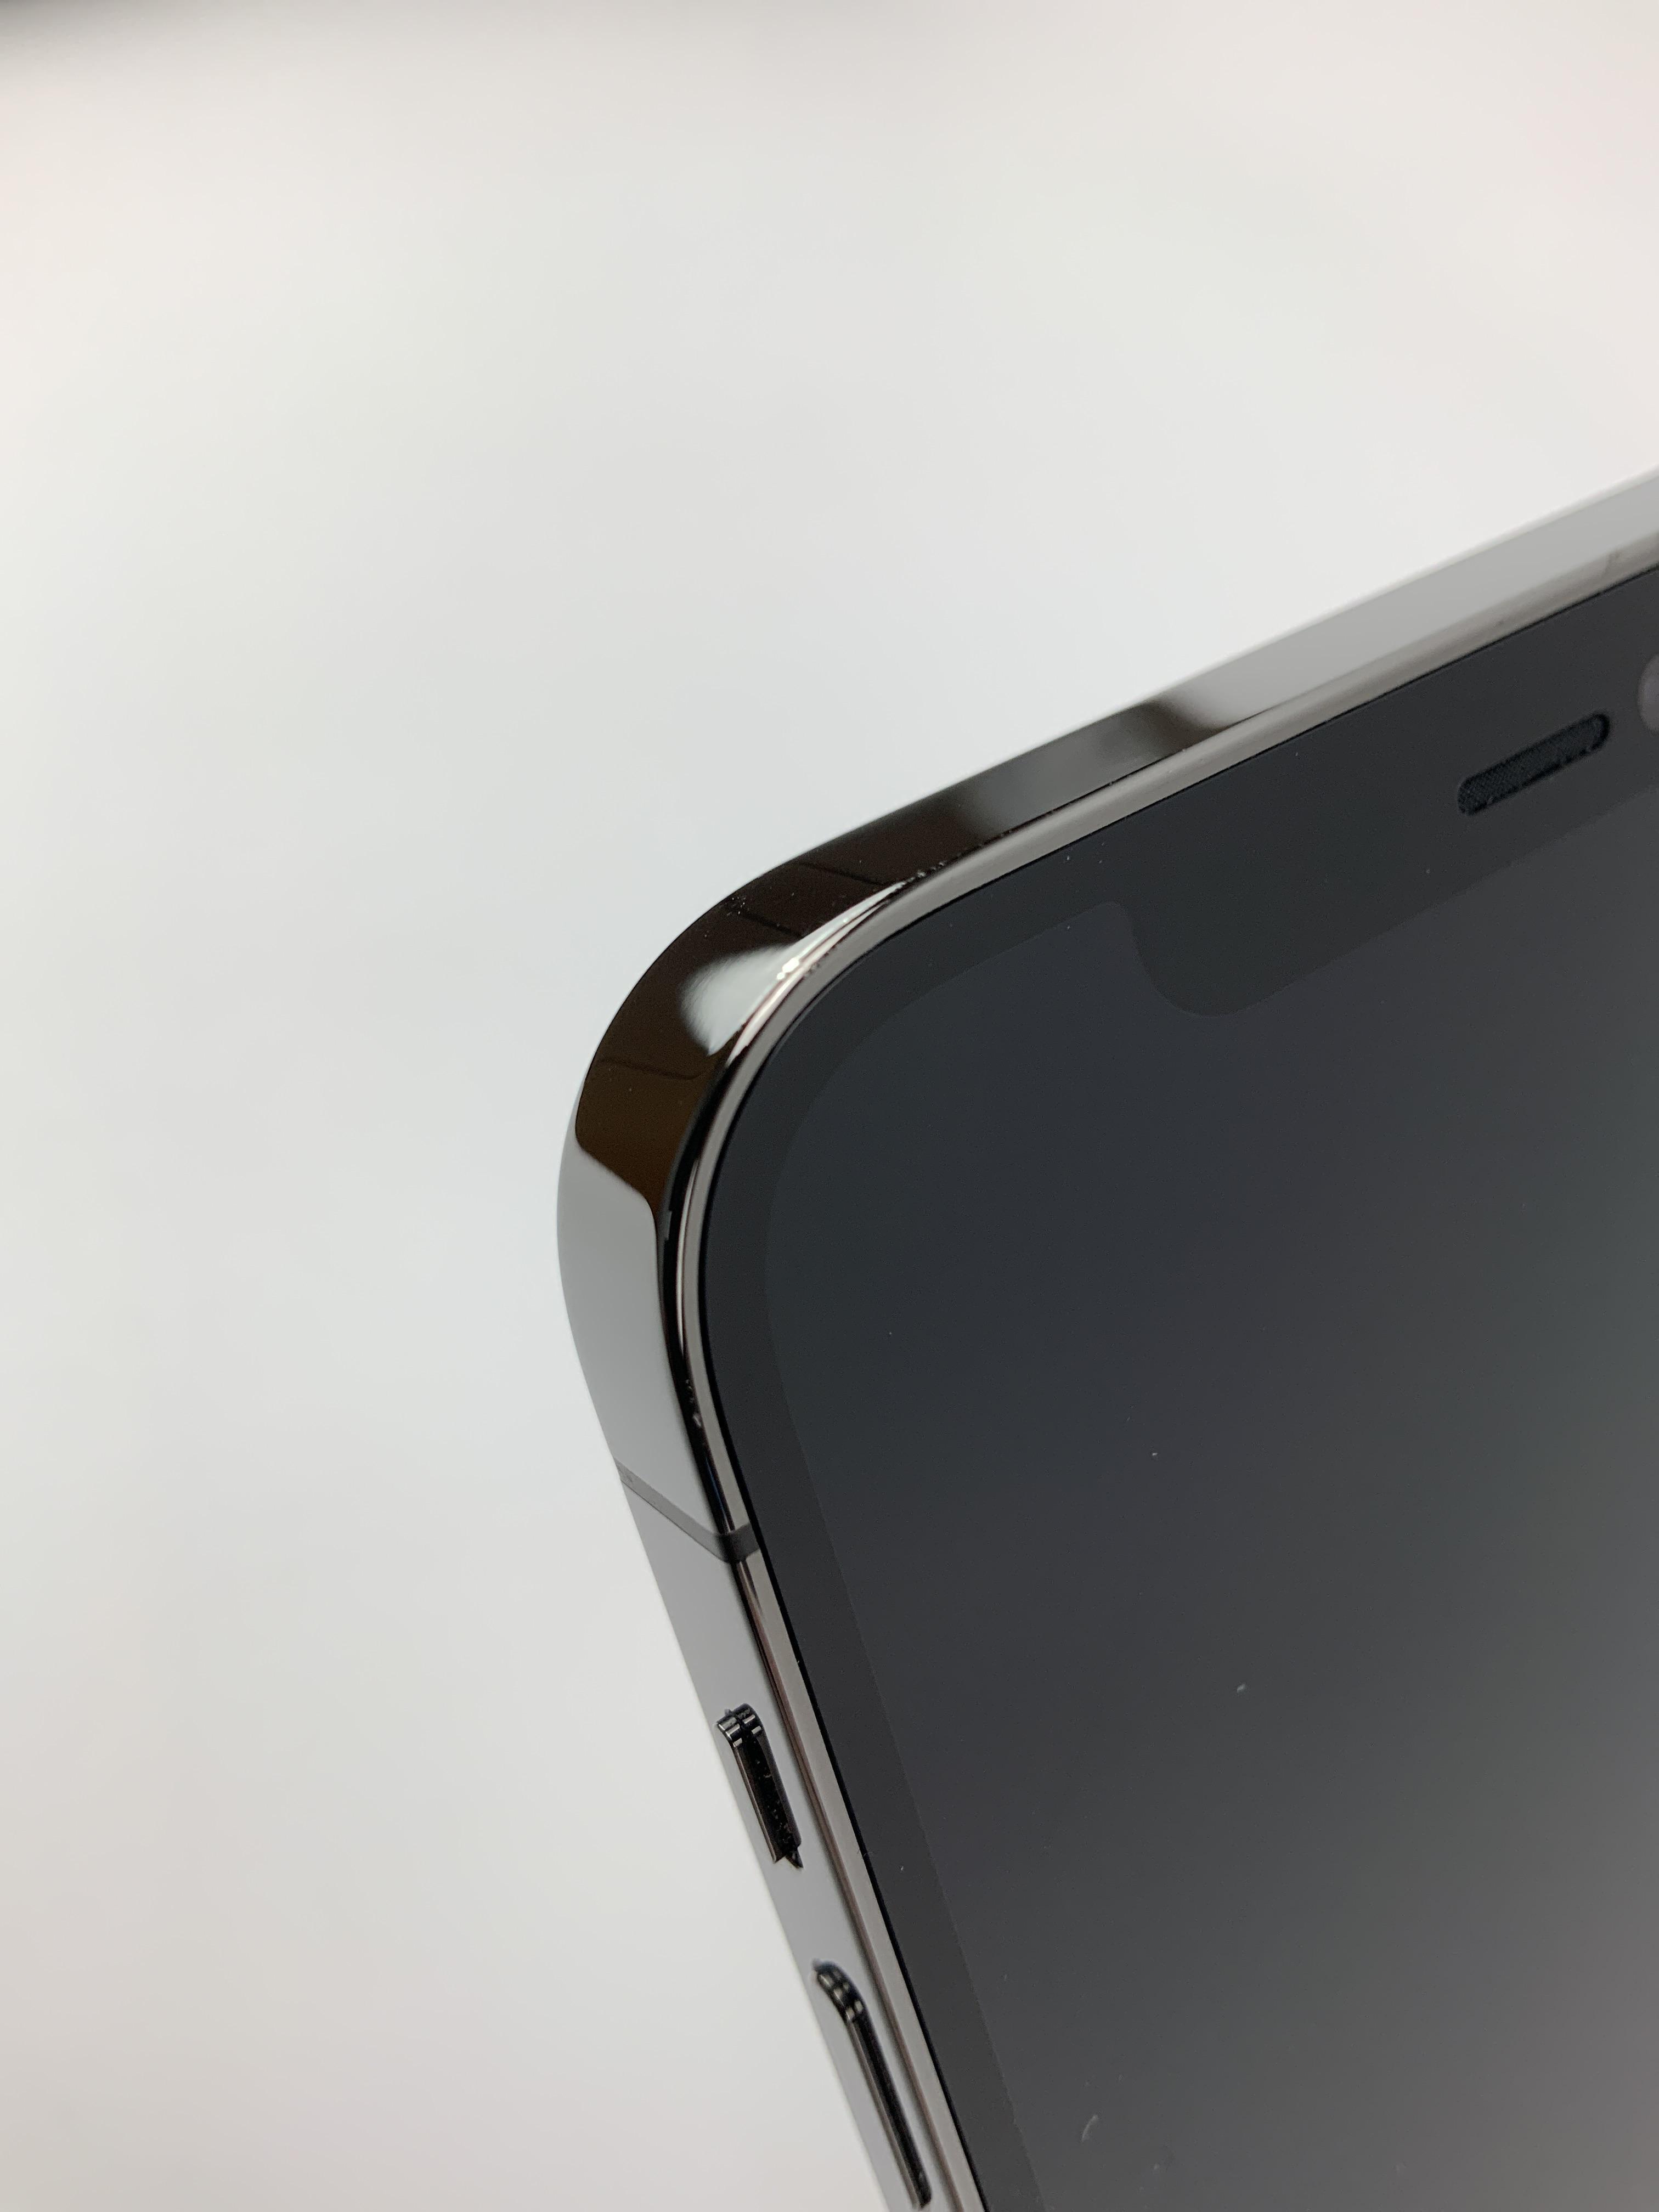 iPhone 12 Pro 256GB, 256GB, Graphite, Bild 4